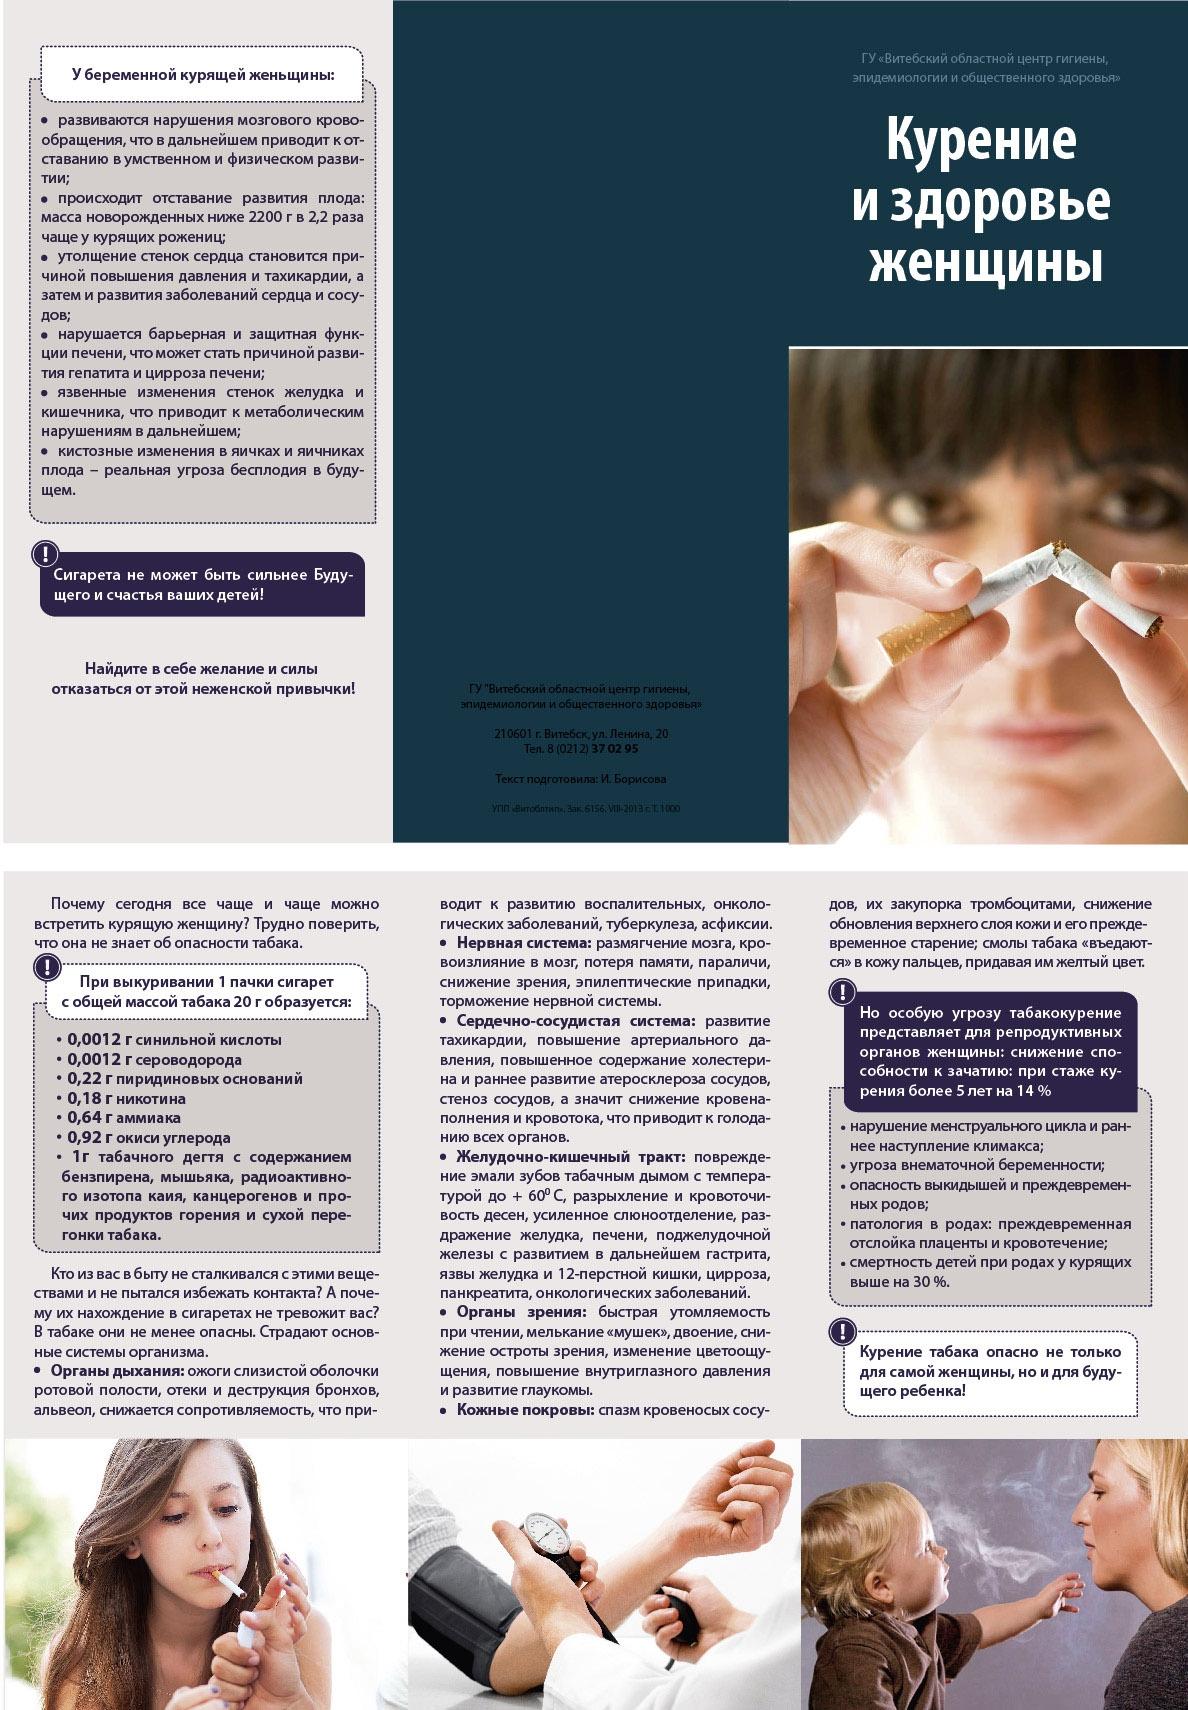 Иерсиниозные инфекции фото